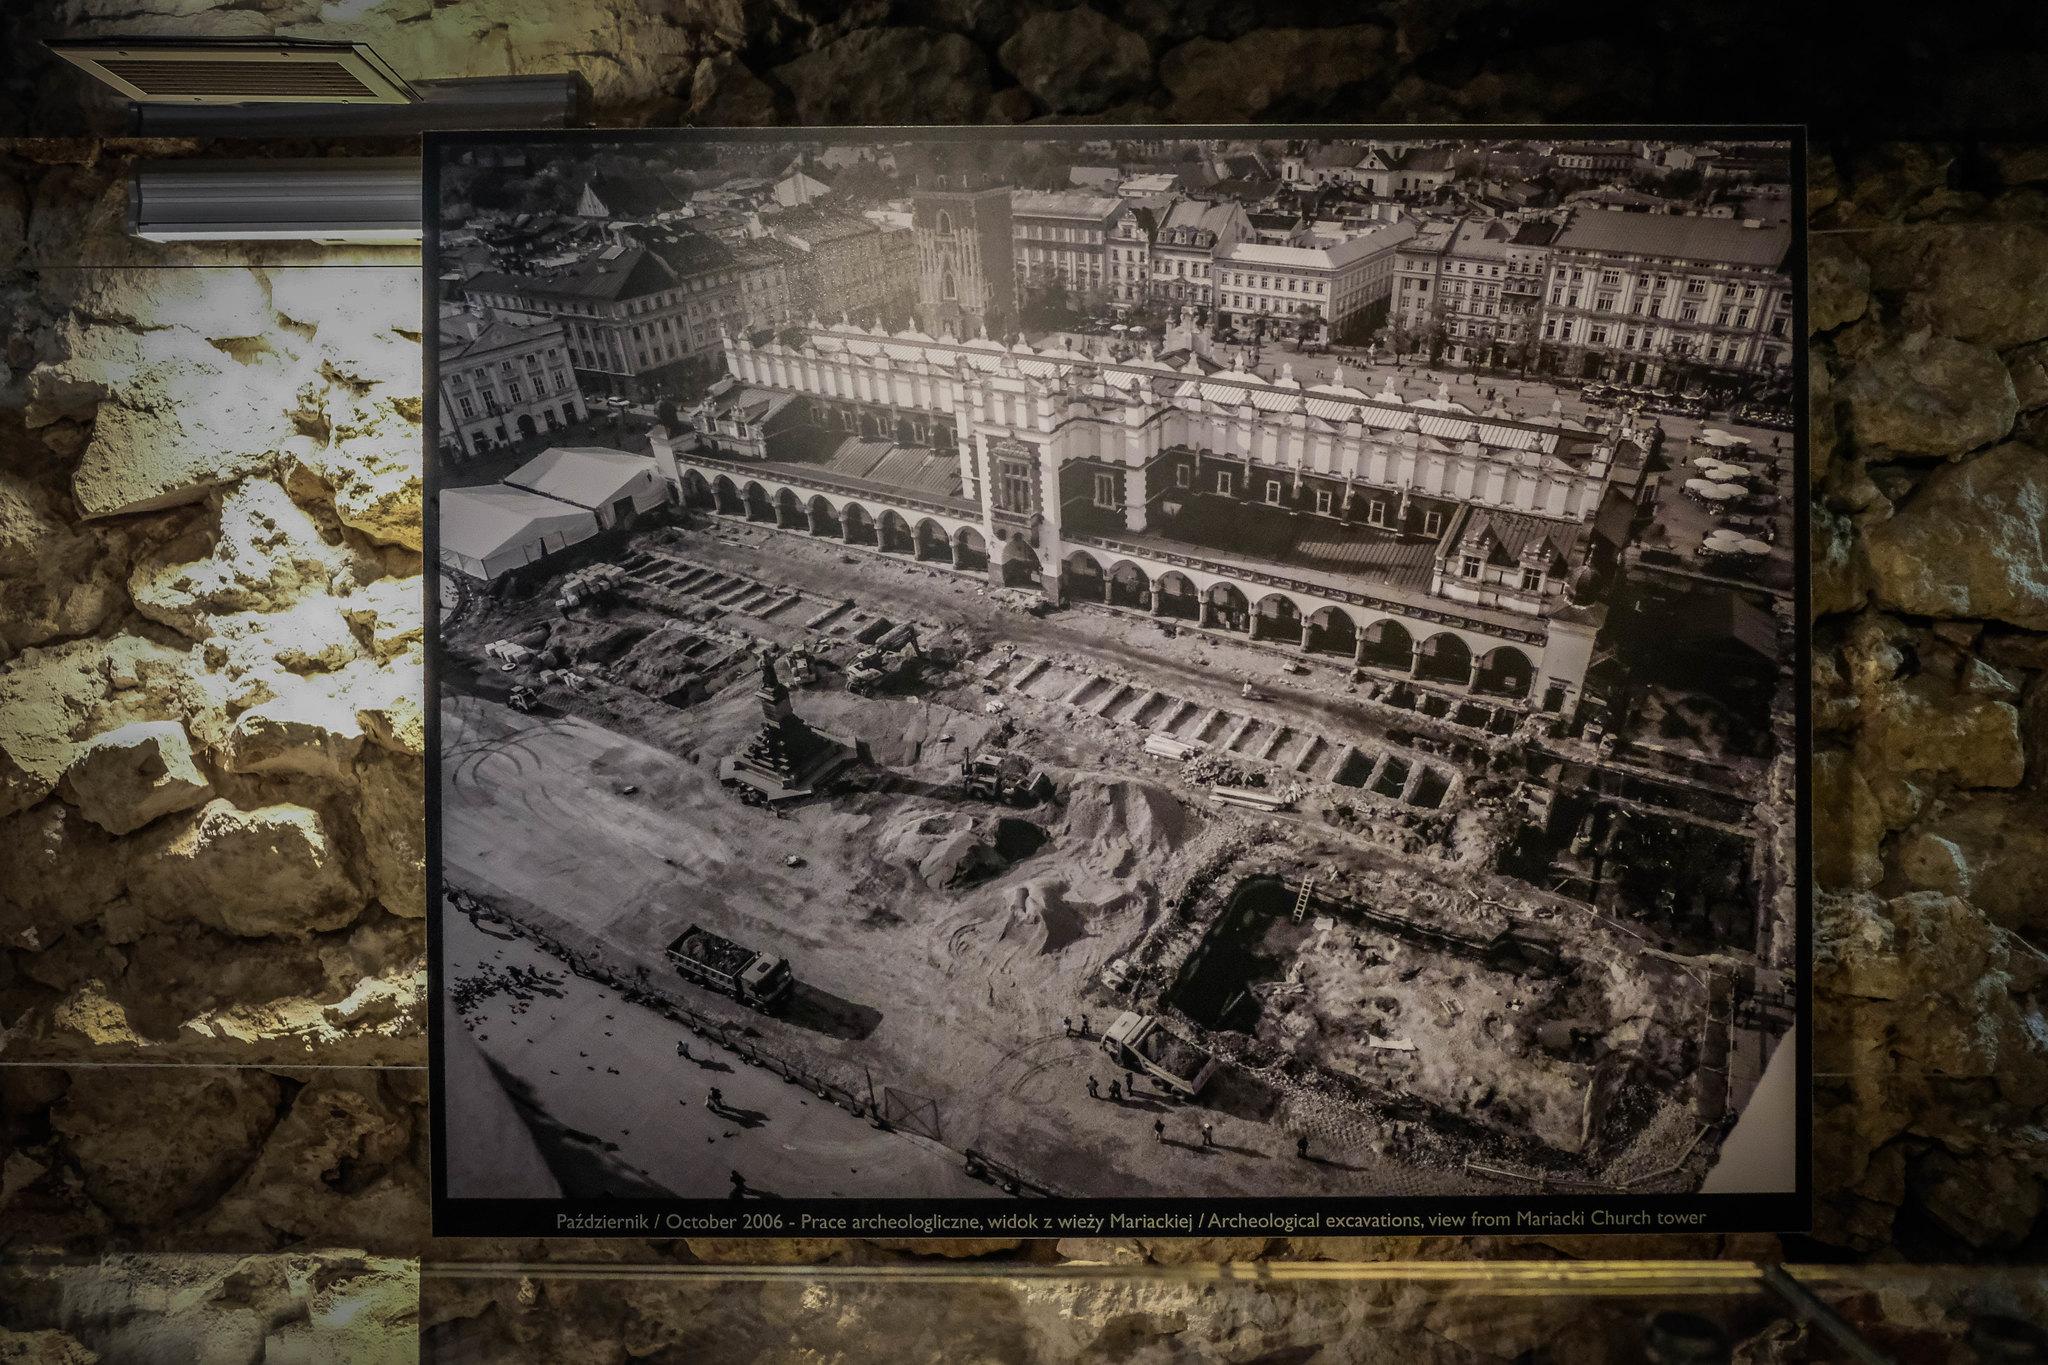 Excavation photos